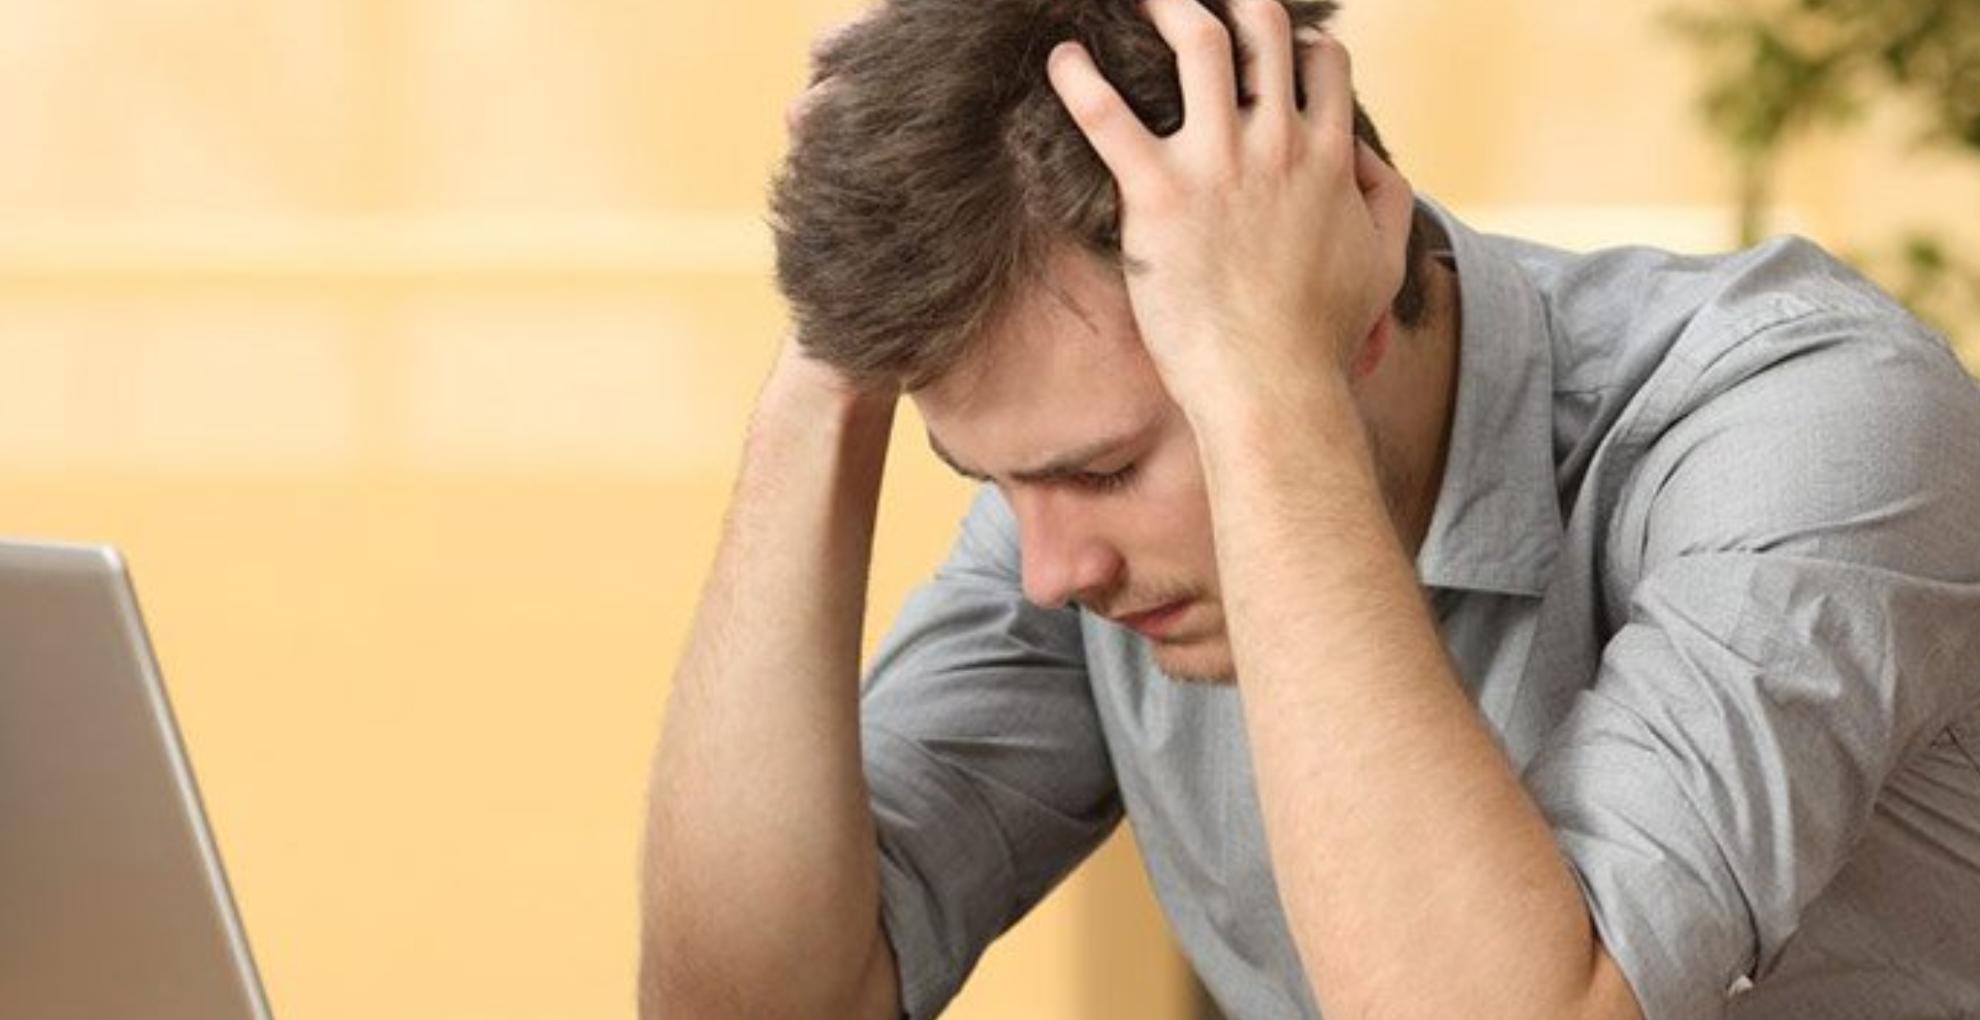 Relationship Tips: चिंता और तनाव से सिर्फ सेहत नहीं, रिश्ते पर भी पड़ता है बुरा असर, जानिए कैसे